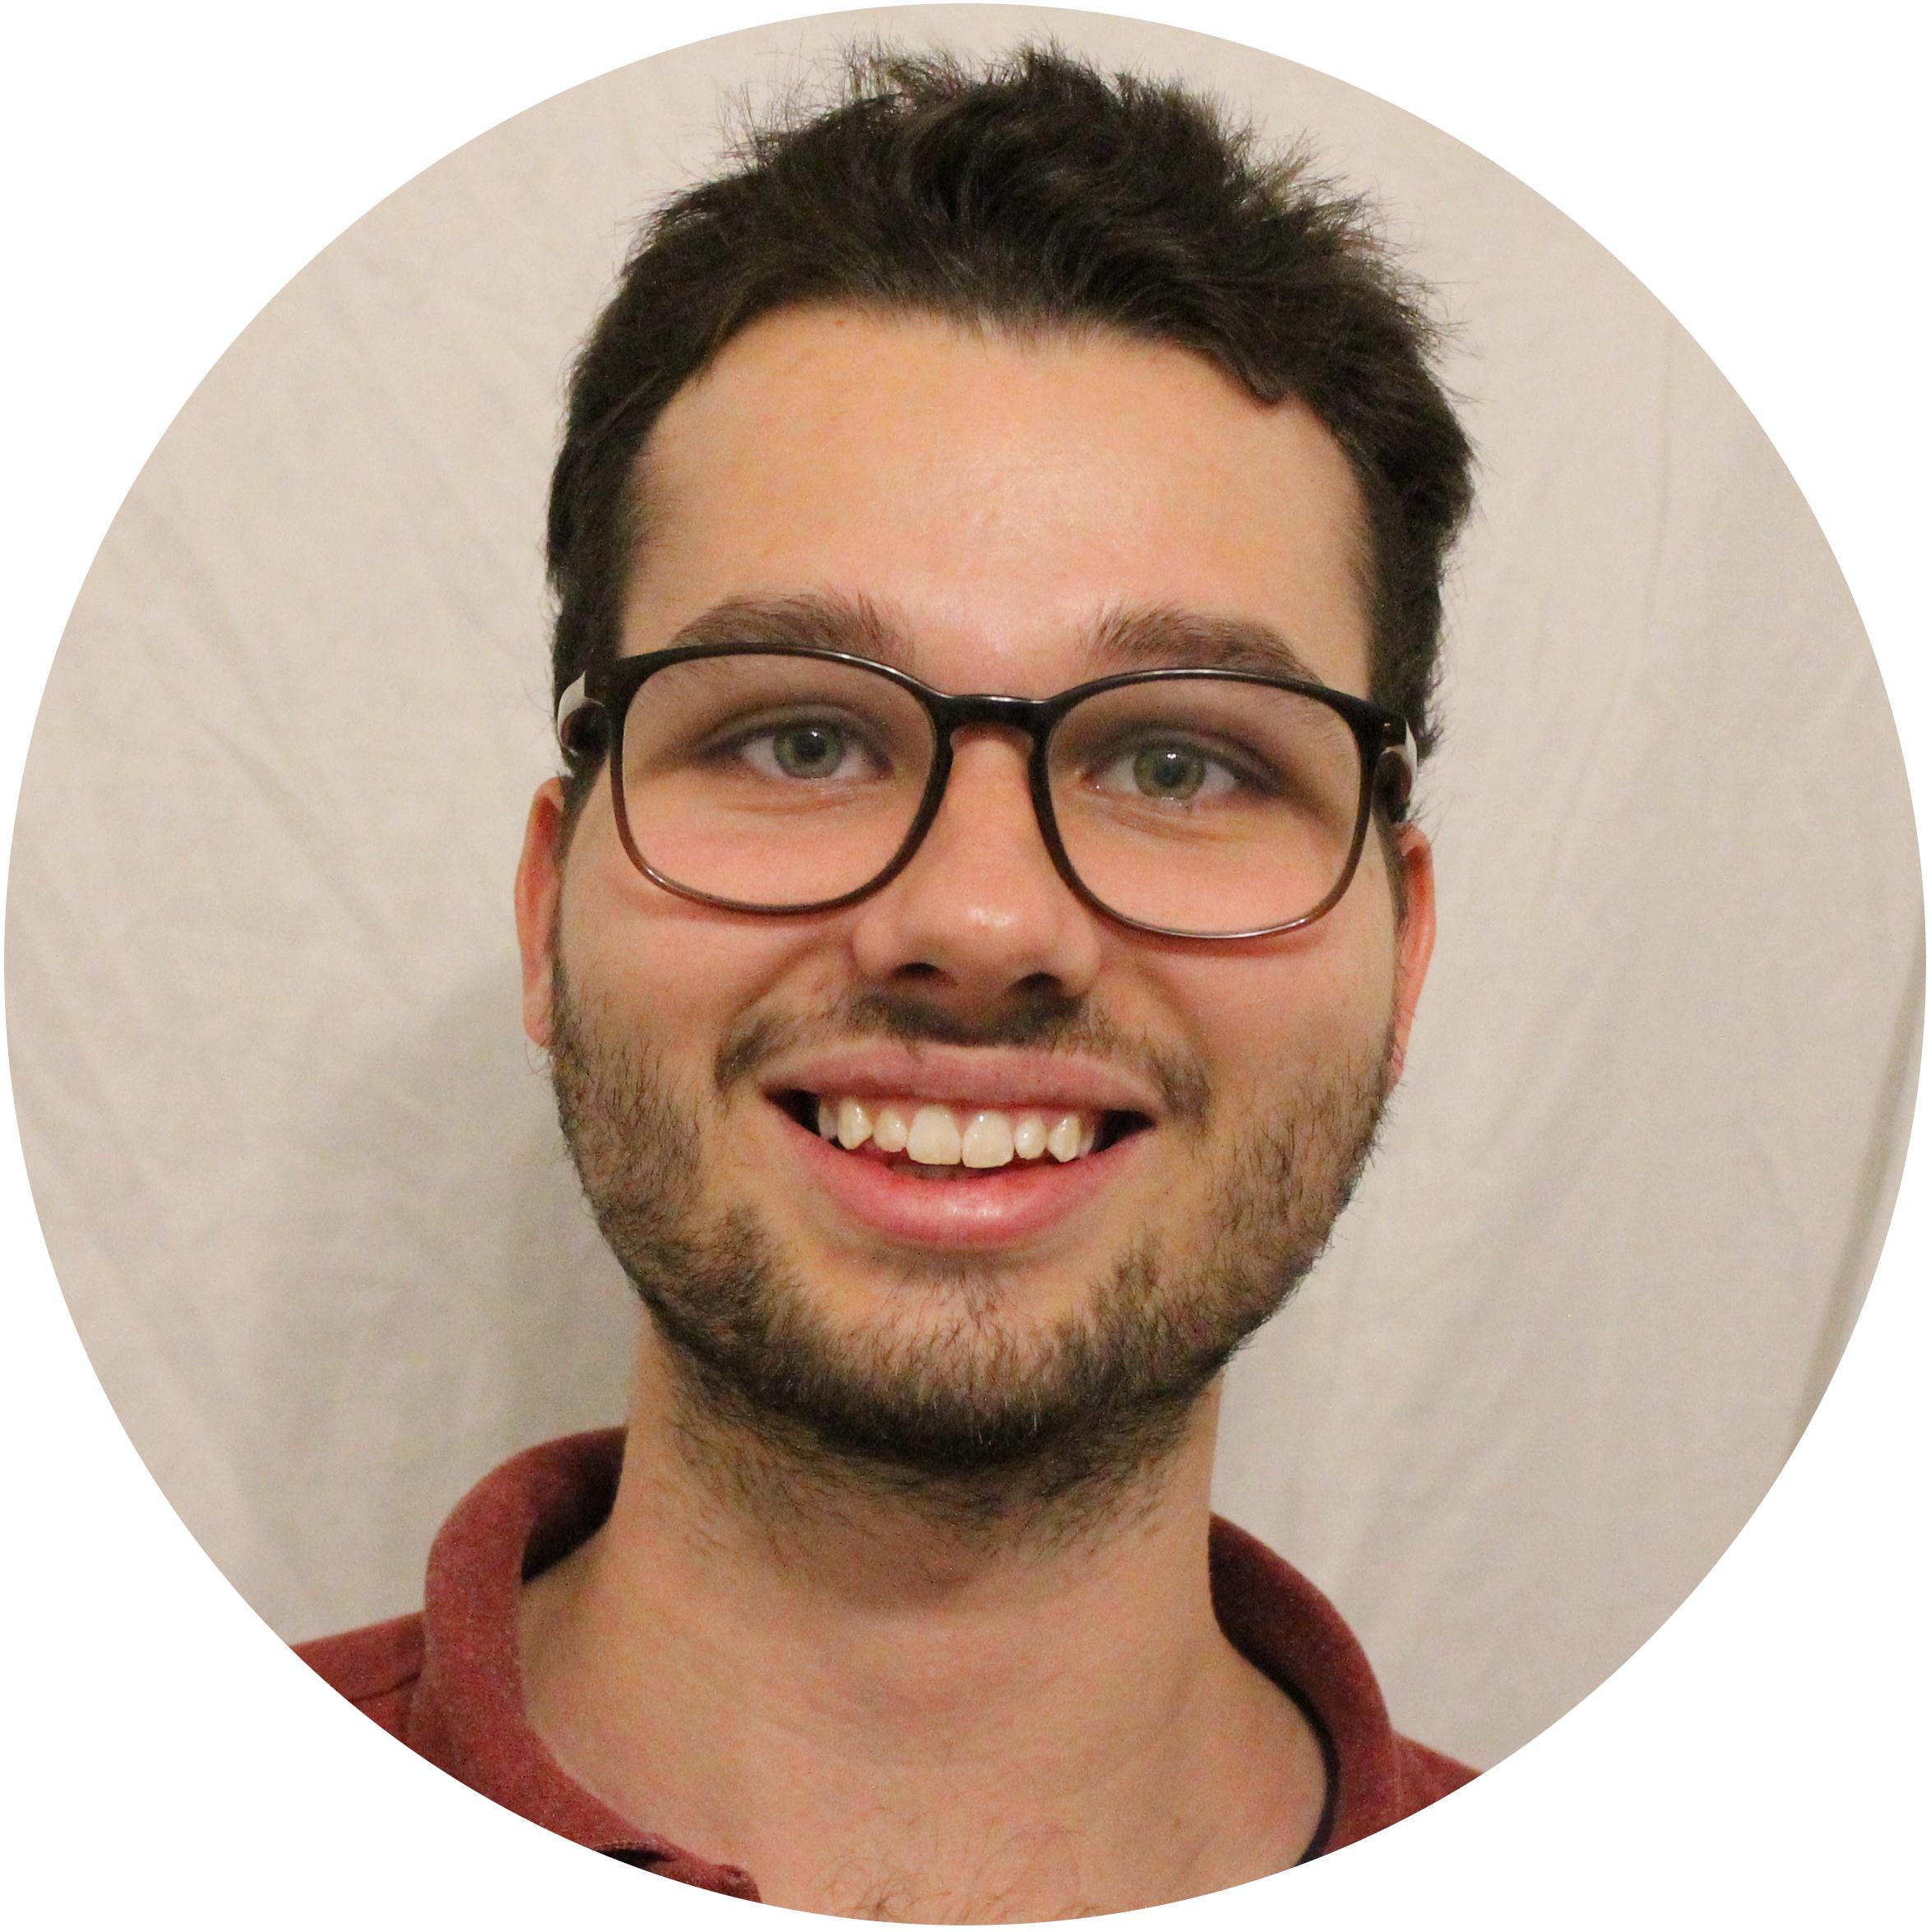 Aaron Schneider